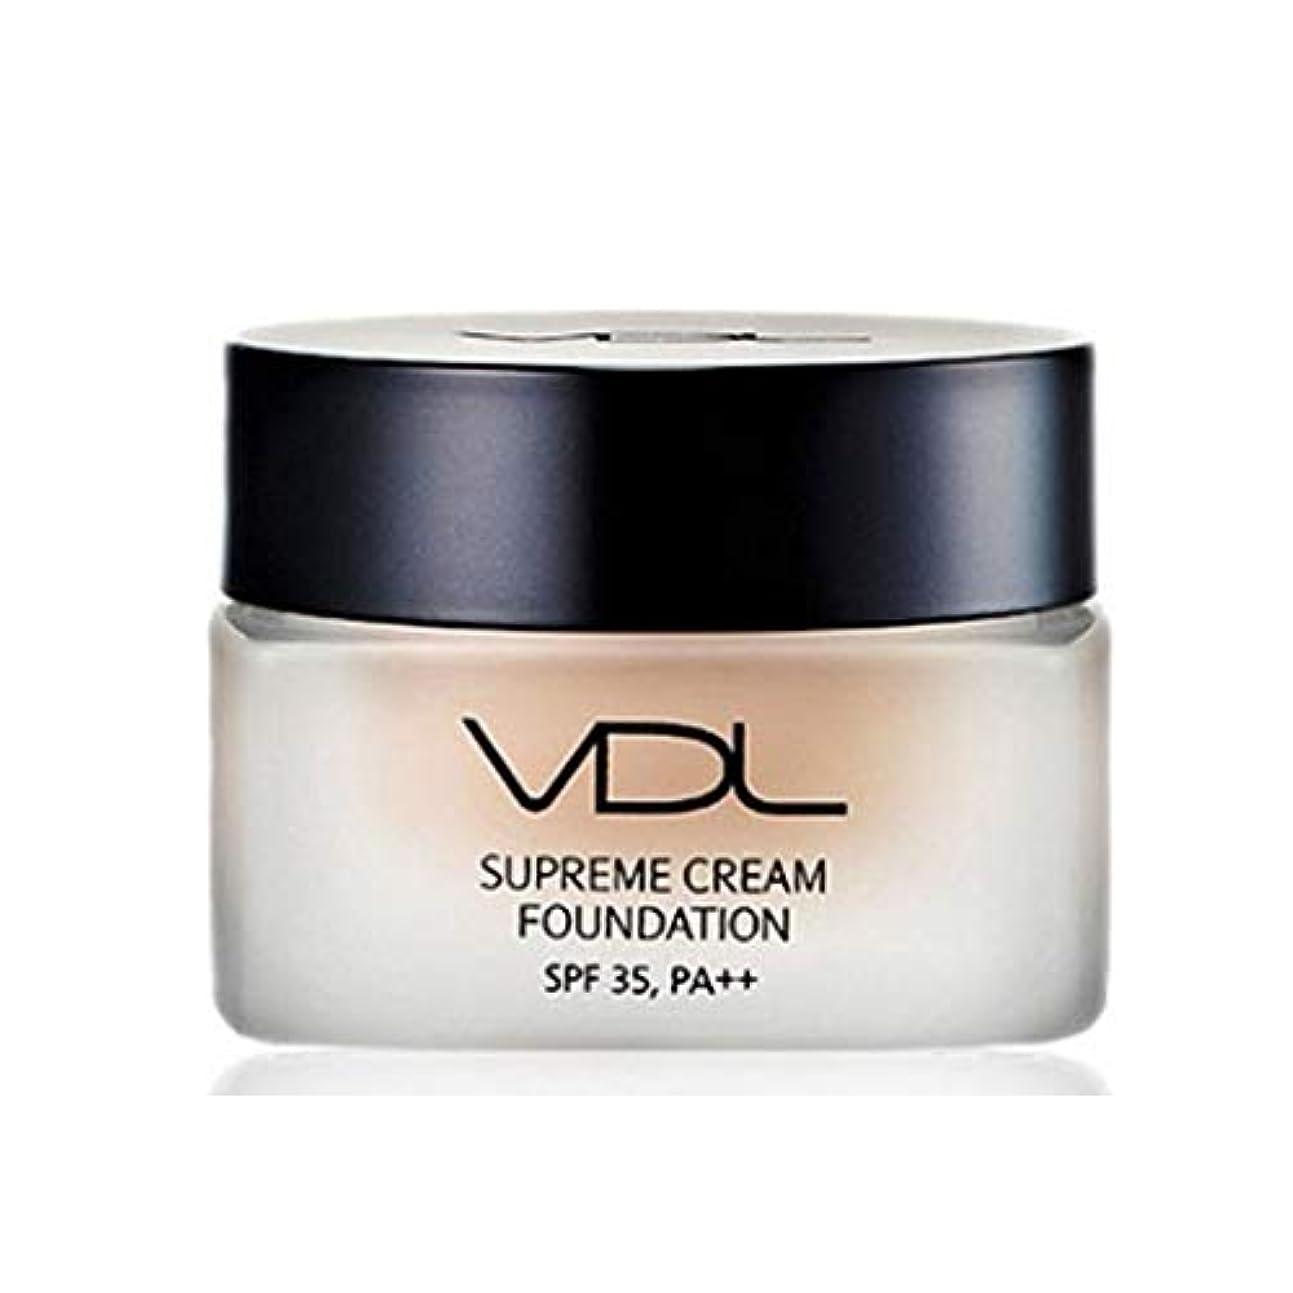 やがて小石泥沼VDLスプリームクリームファンデーション30ml SPF35 PA++ 4色、VDL Supreme Cream Foundation 30ml SPF35 PA++ 4 Colors [並行輸入品] (A02)